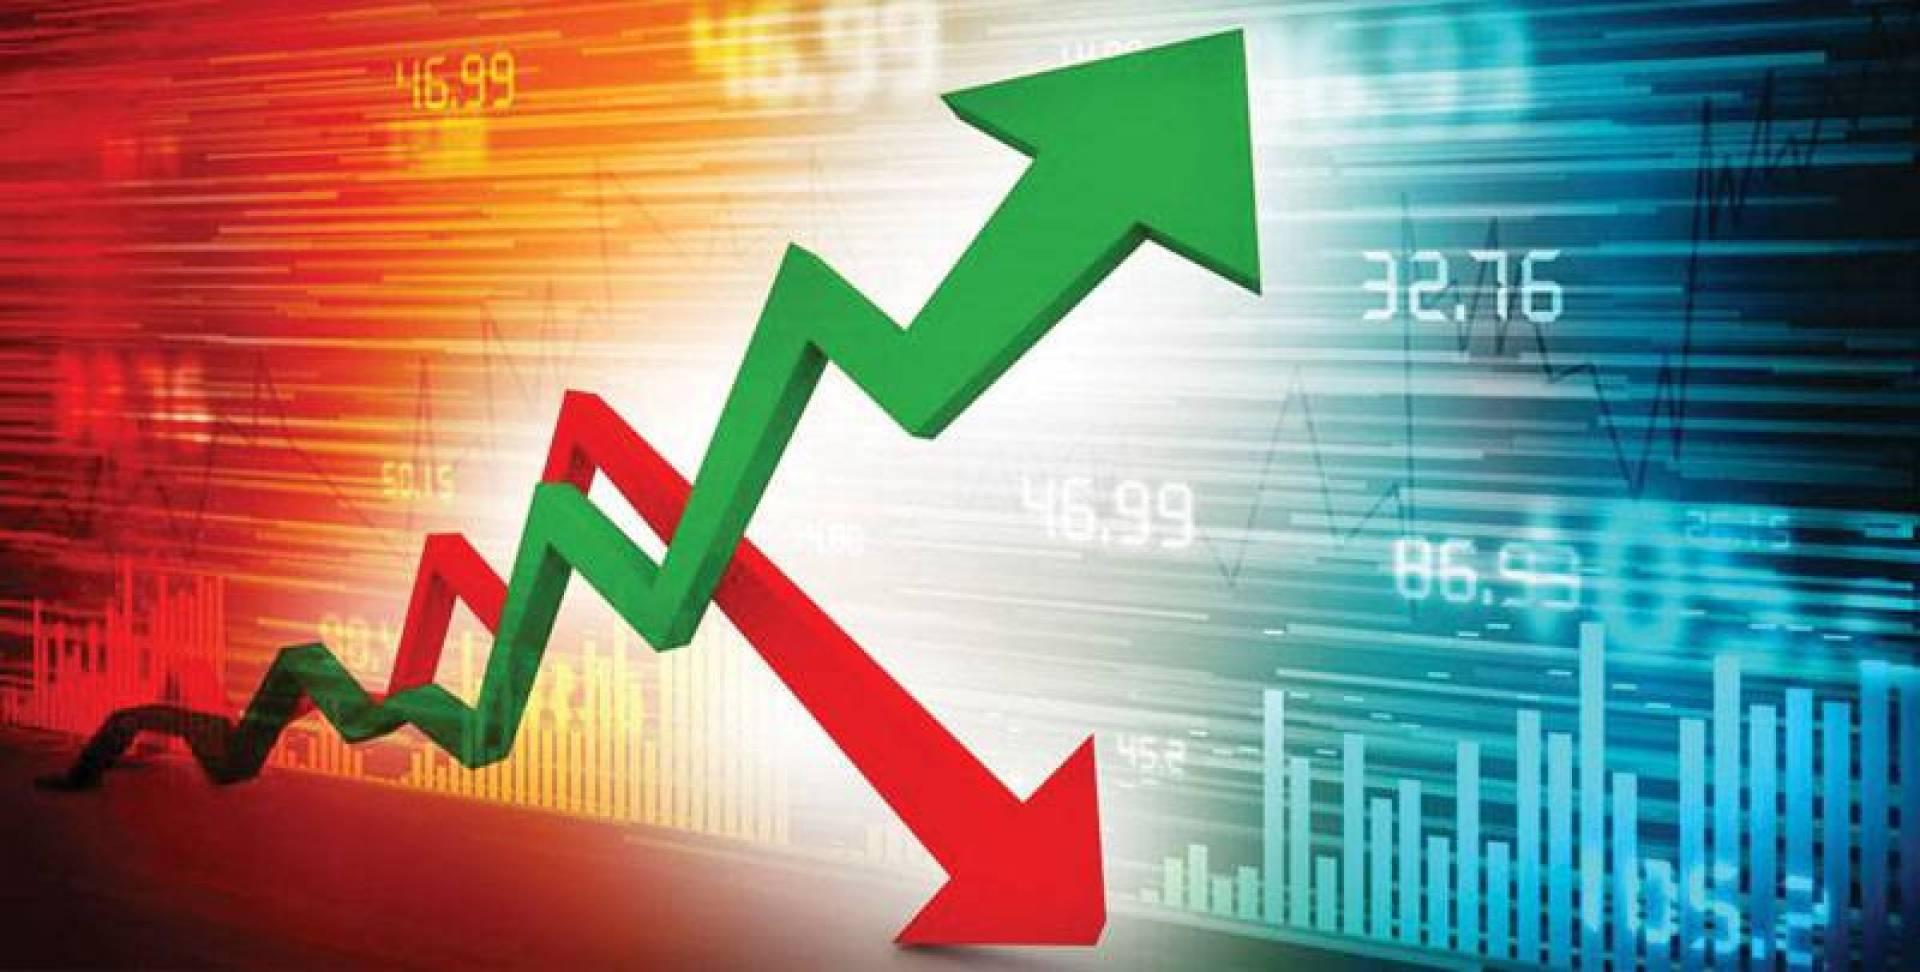 هل يعرف مستثمرو سوق الأسهم ما لا يعرفه غيرهم؟